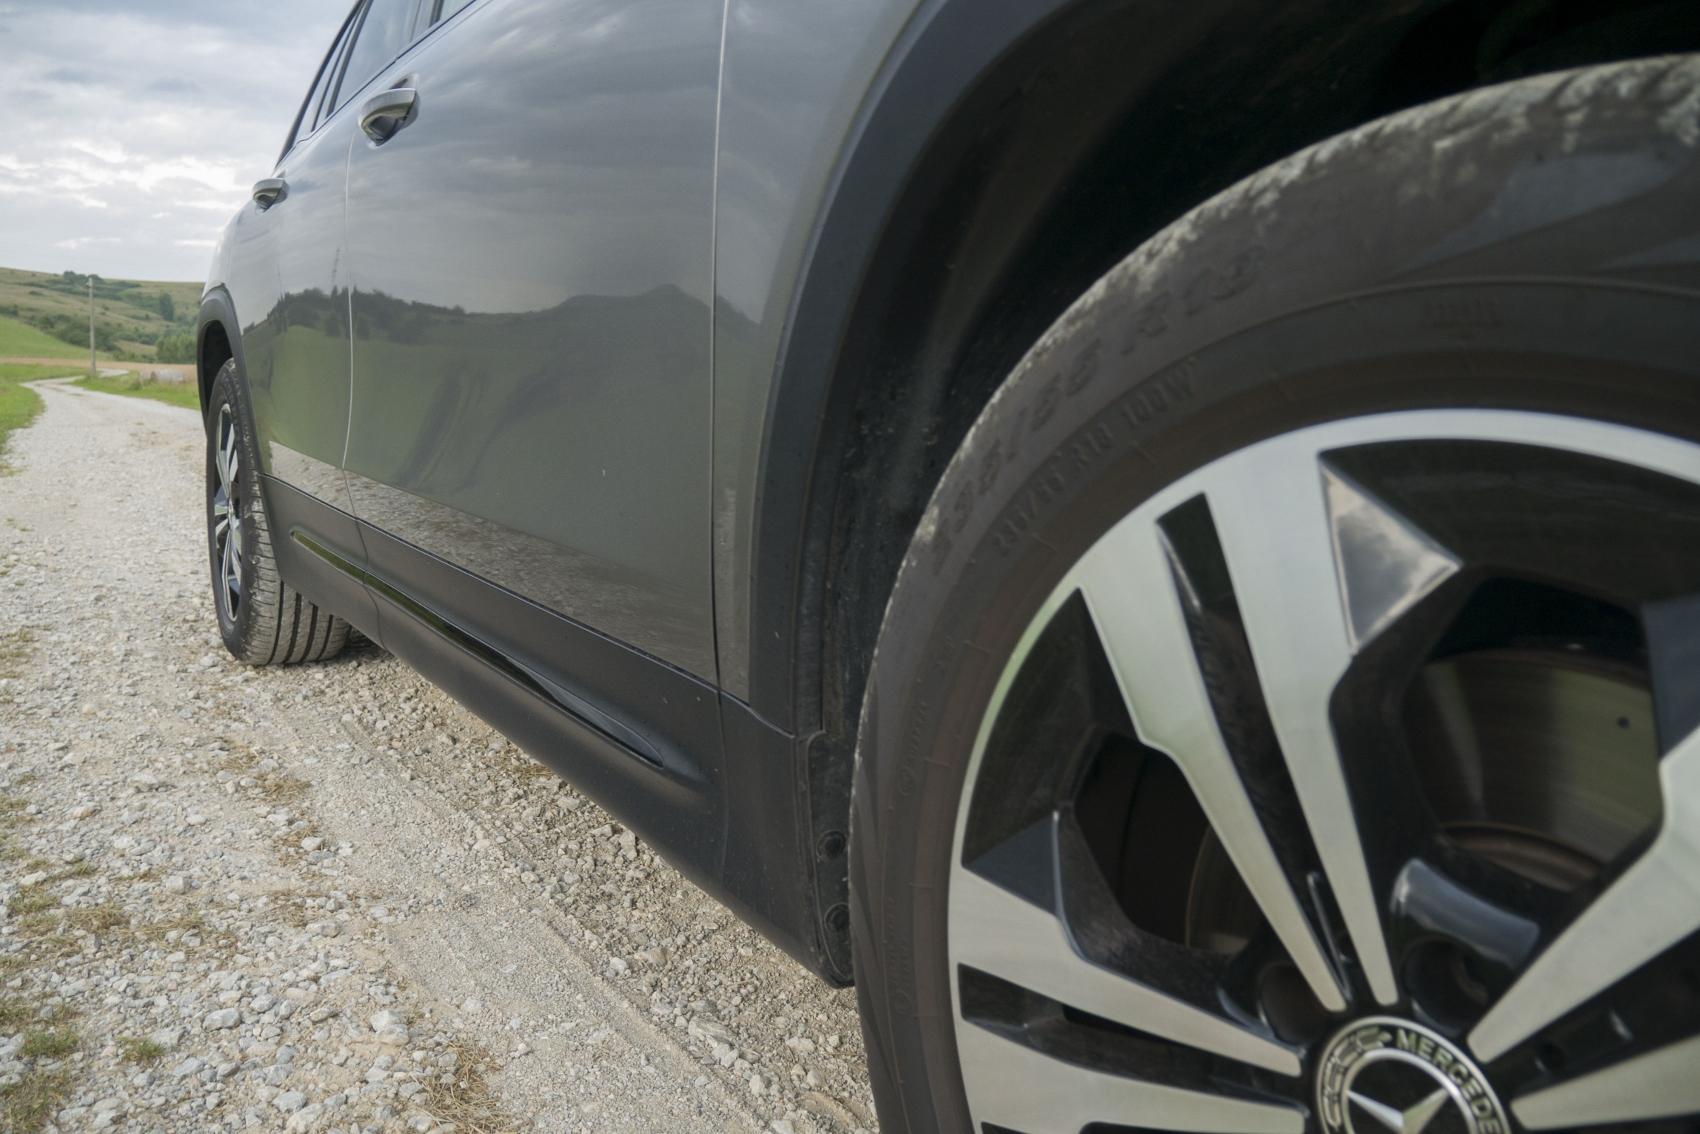 Test: Mercedes GLB 200 ponúka veľký priestor v malom balení 1g4XAdGlqD mercedes-glb-09-1700x1134